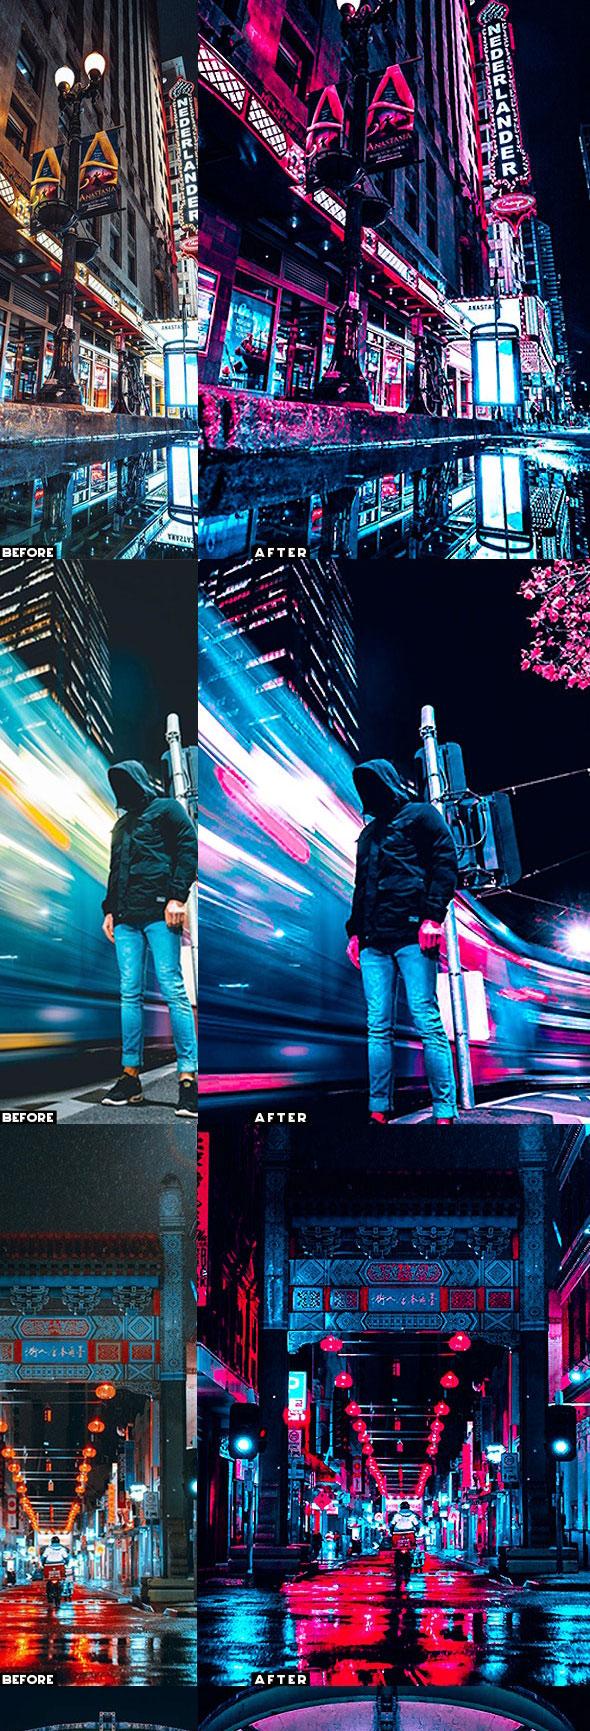 潮流赛博朋克风照片处理特效PS动作模板 Cyberpunk Photoshop Actions插图2